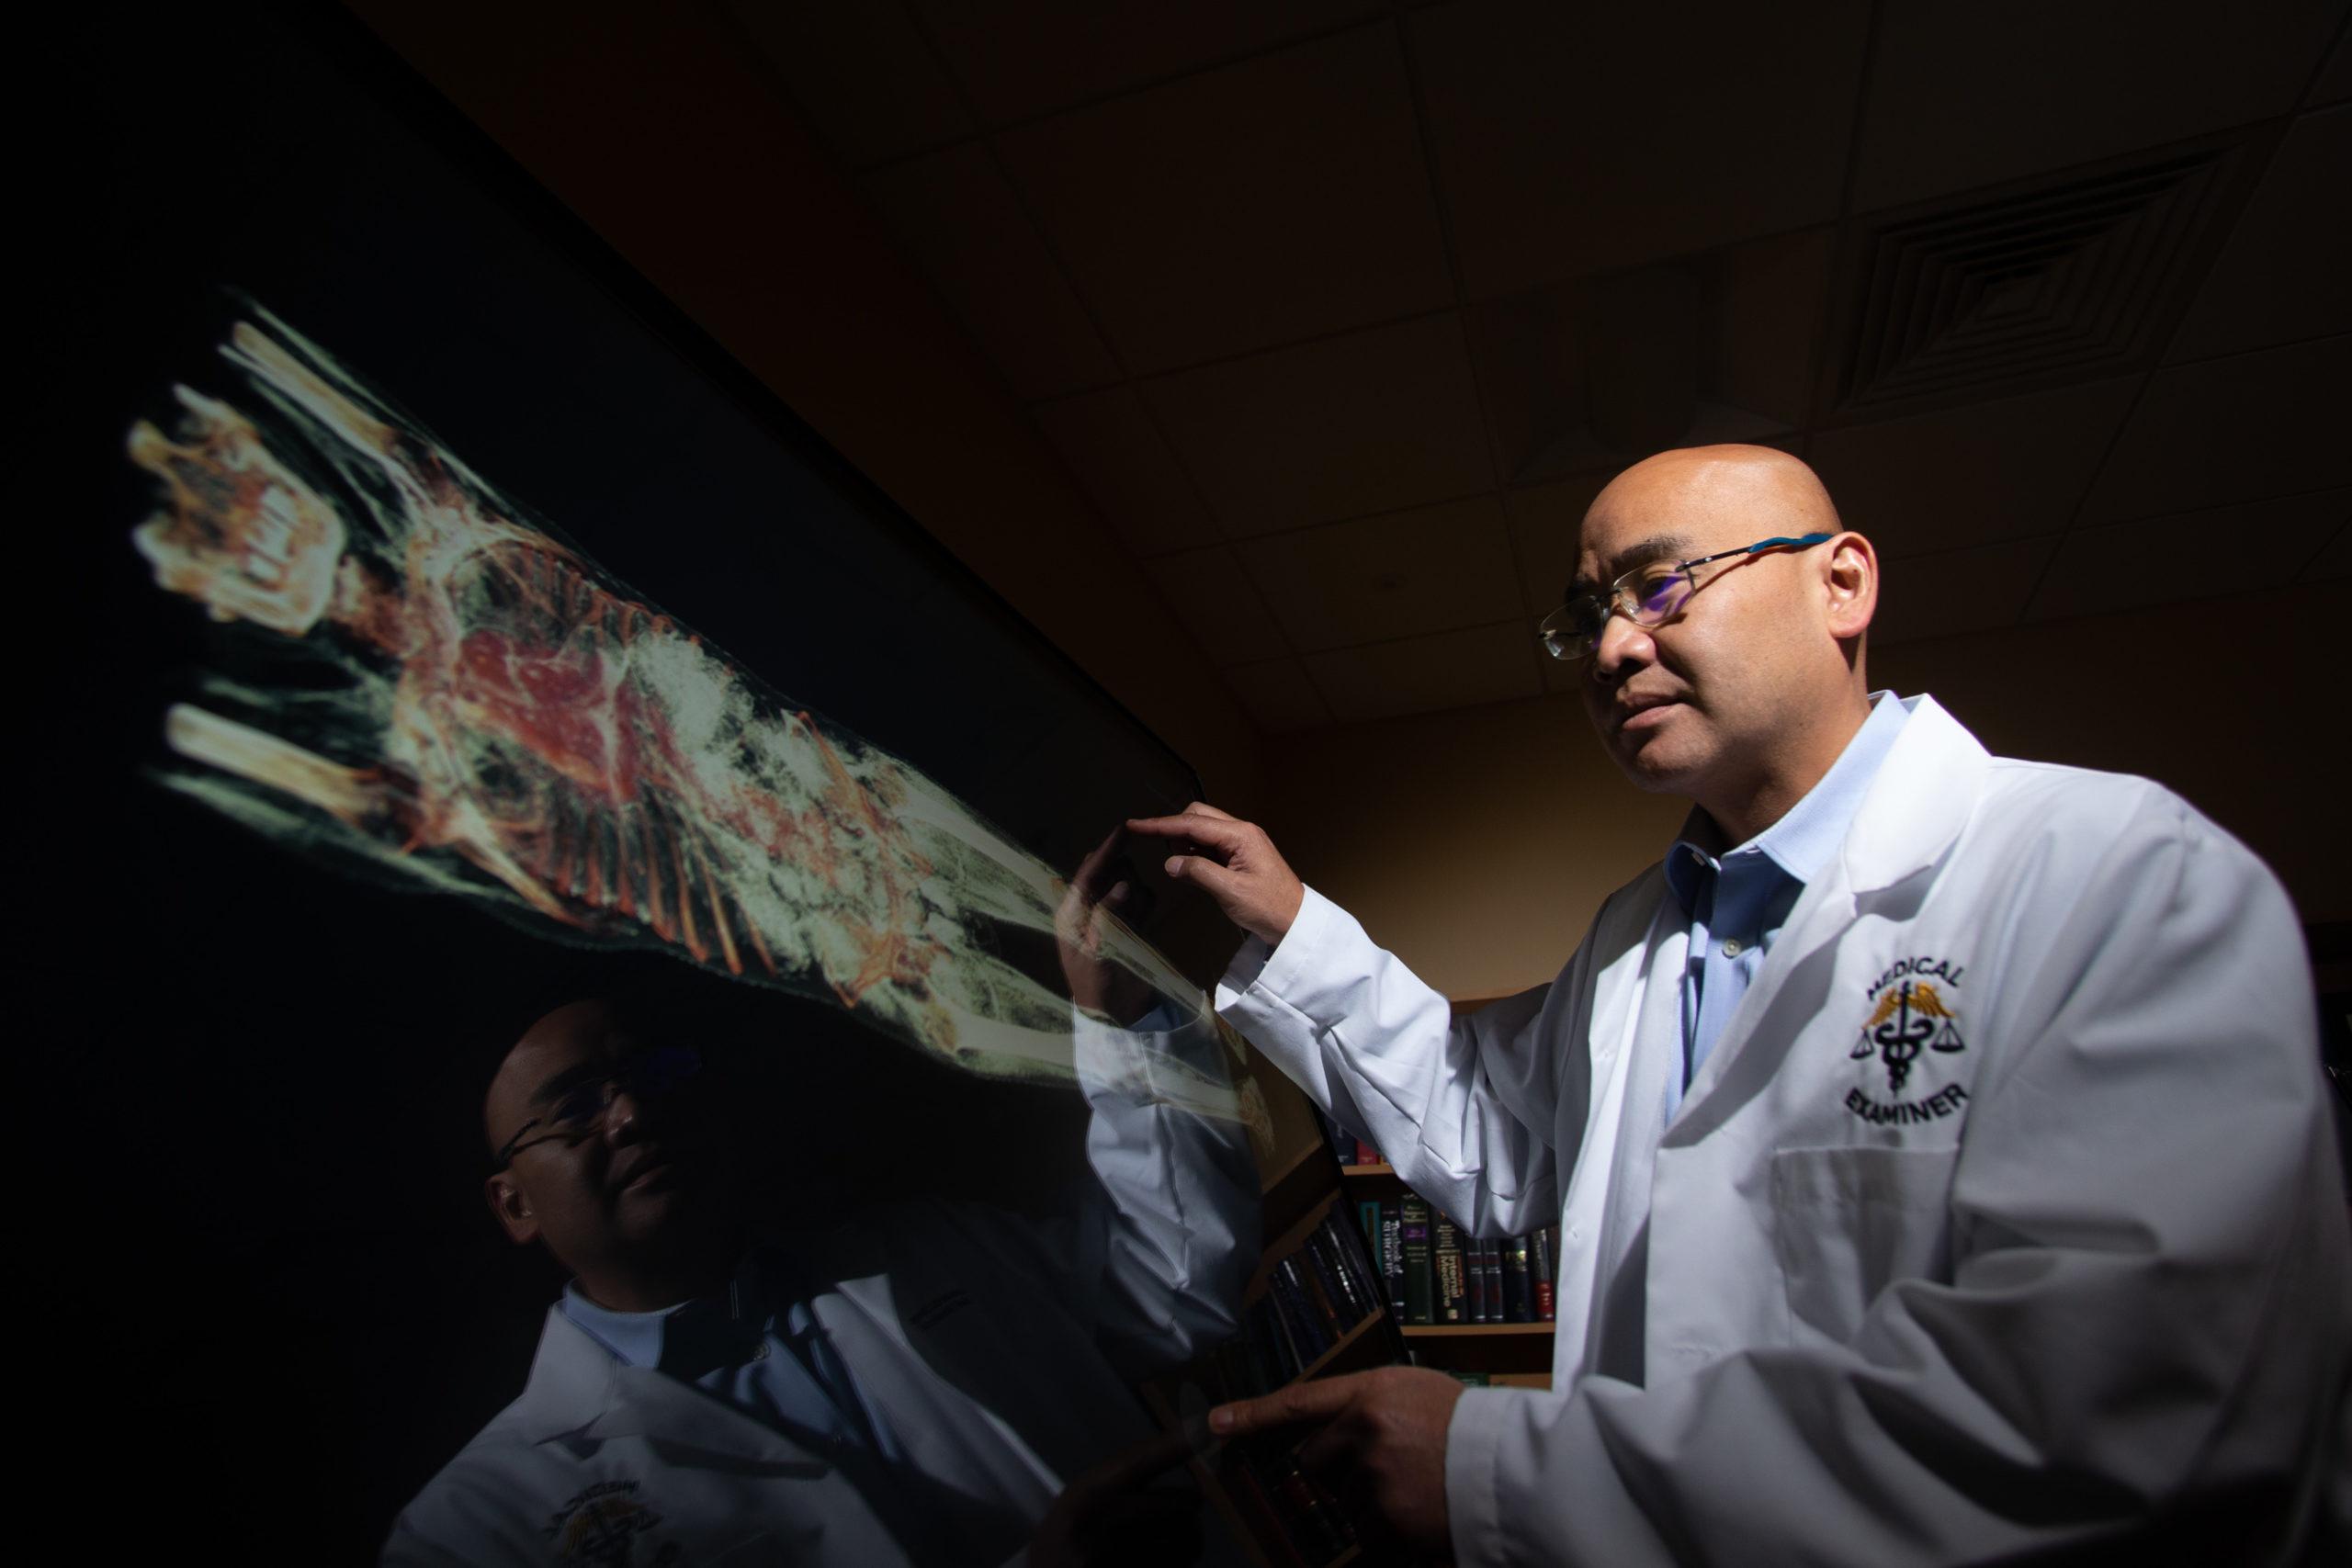 El Médico Forense del Condado de Orange, Dr. Joshua Stephany, hace una demostración del uso de la Mesa de Disección Anatómica Virtual Anatomage.